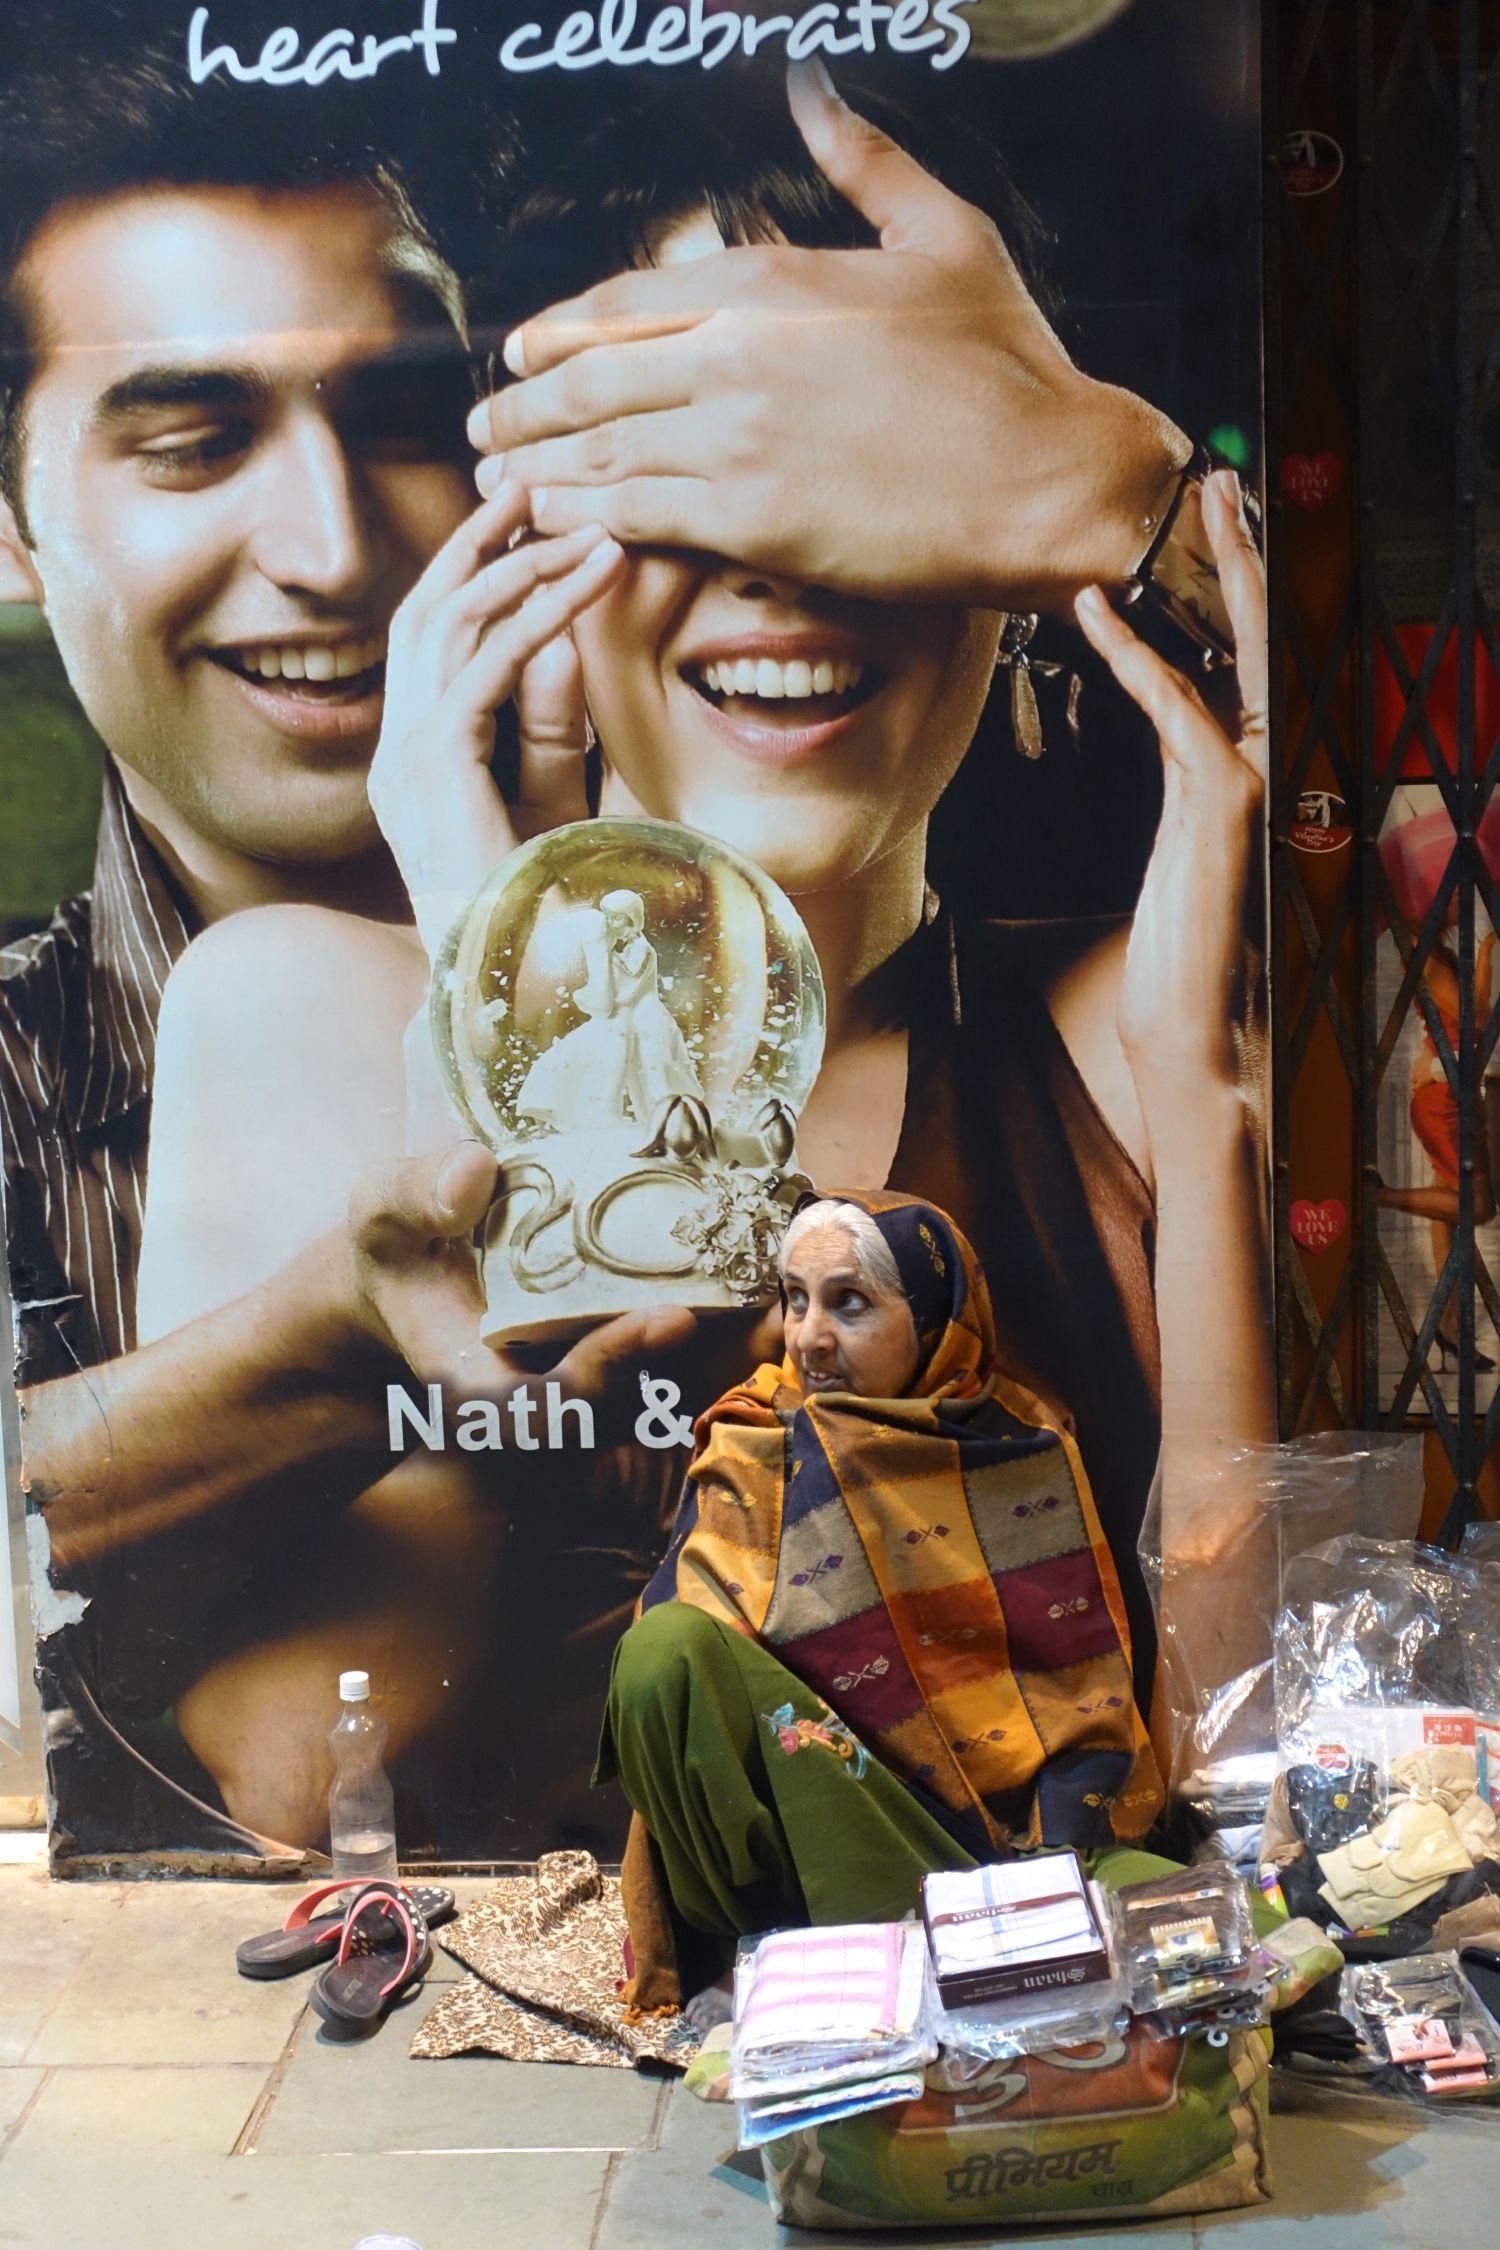 Delhi | cosmetic advertising and homeless | ©sandrine cohen